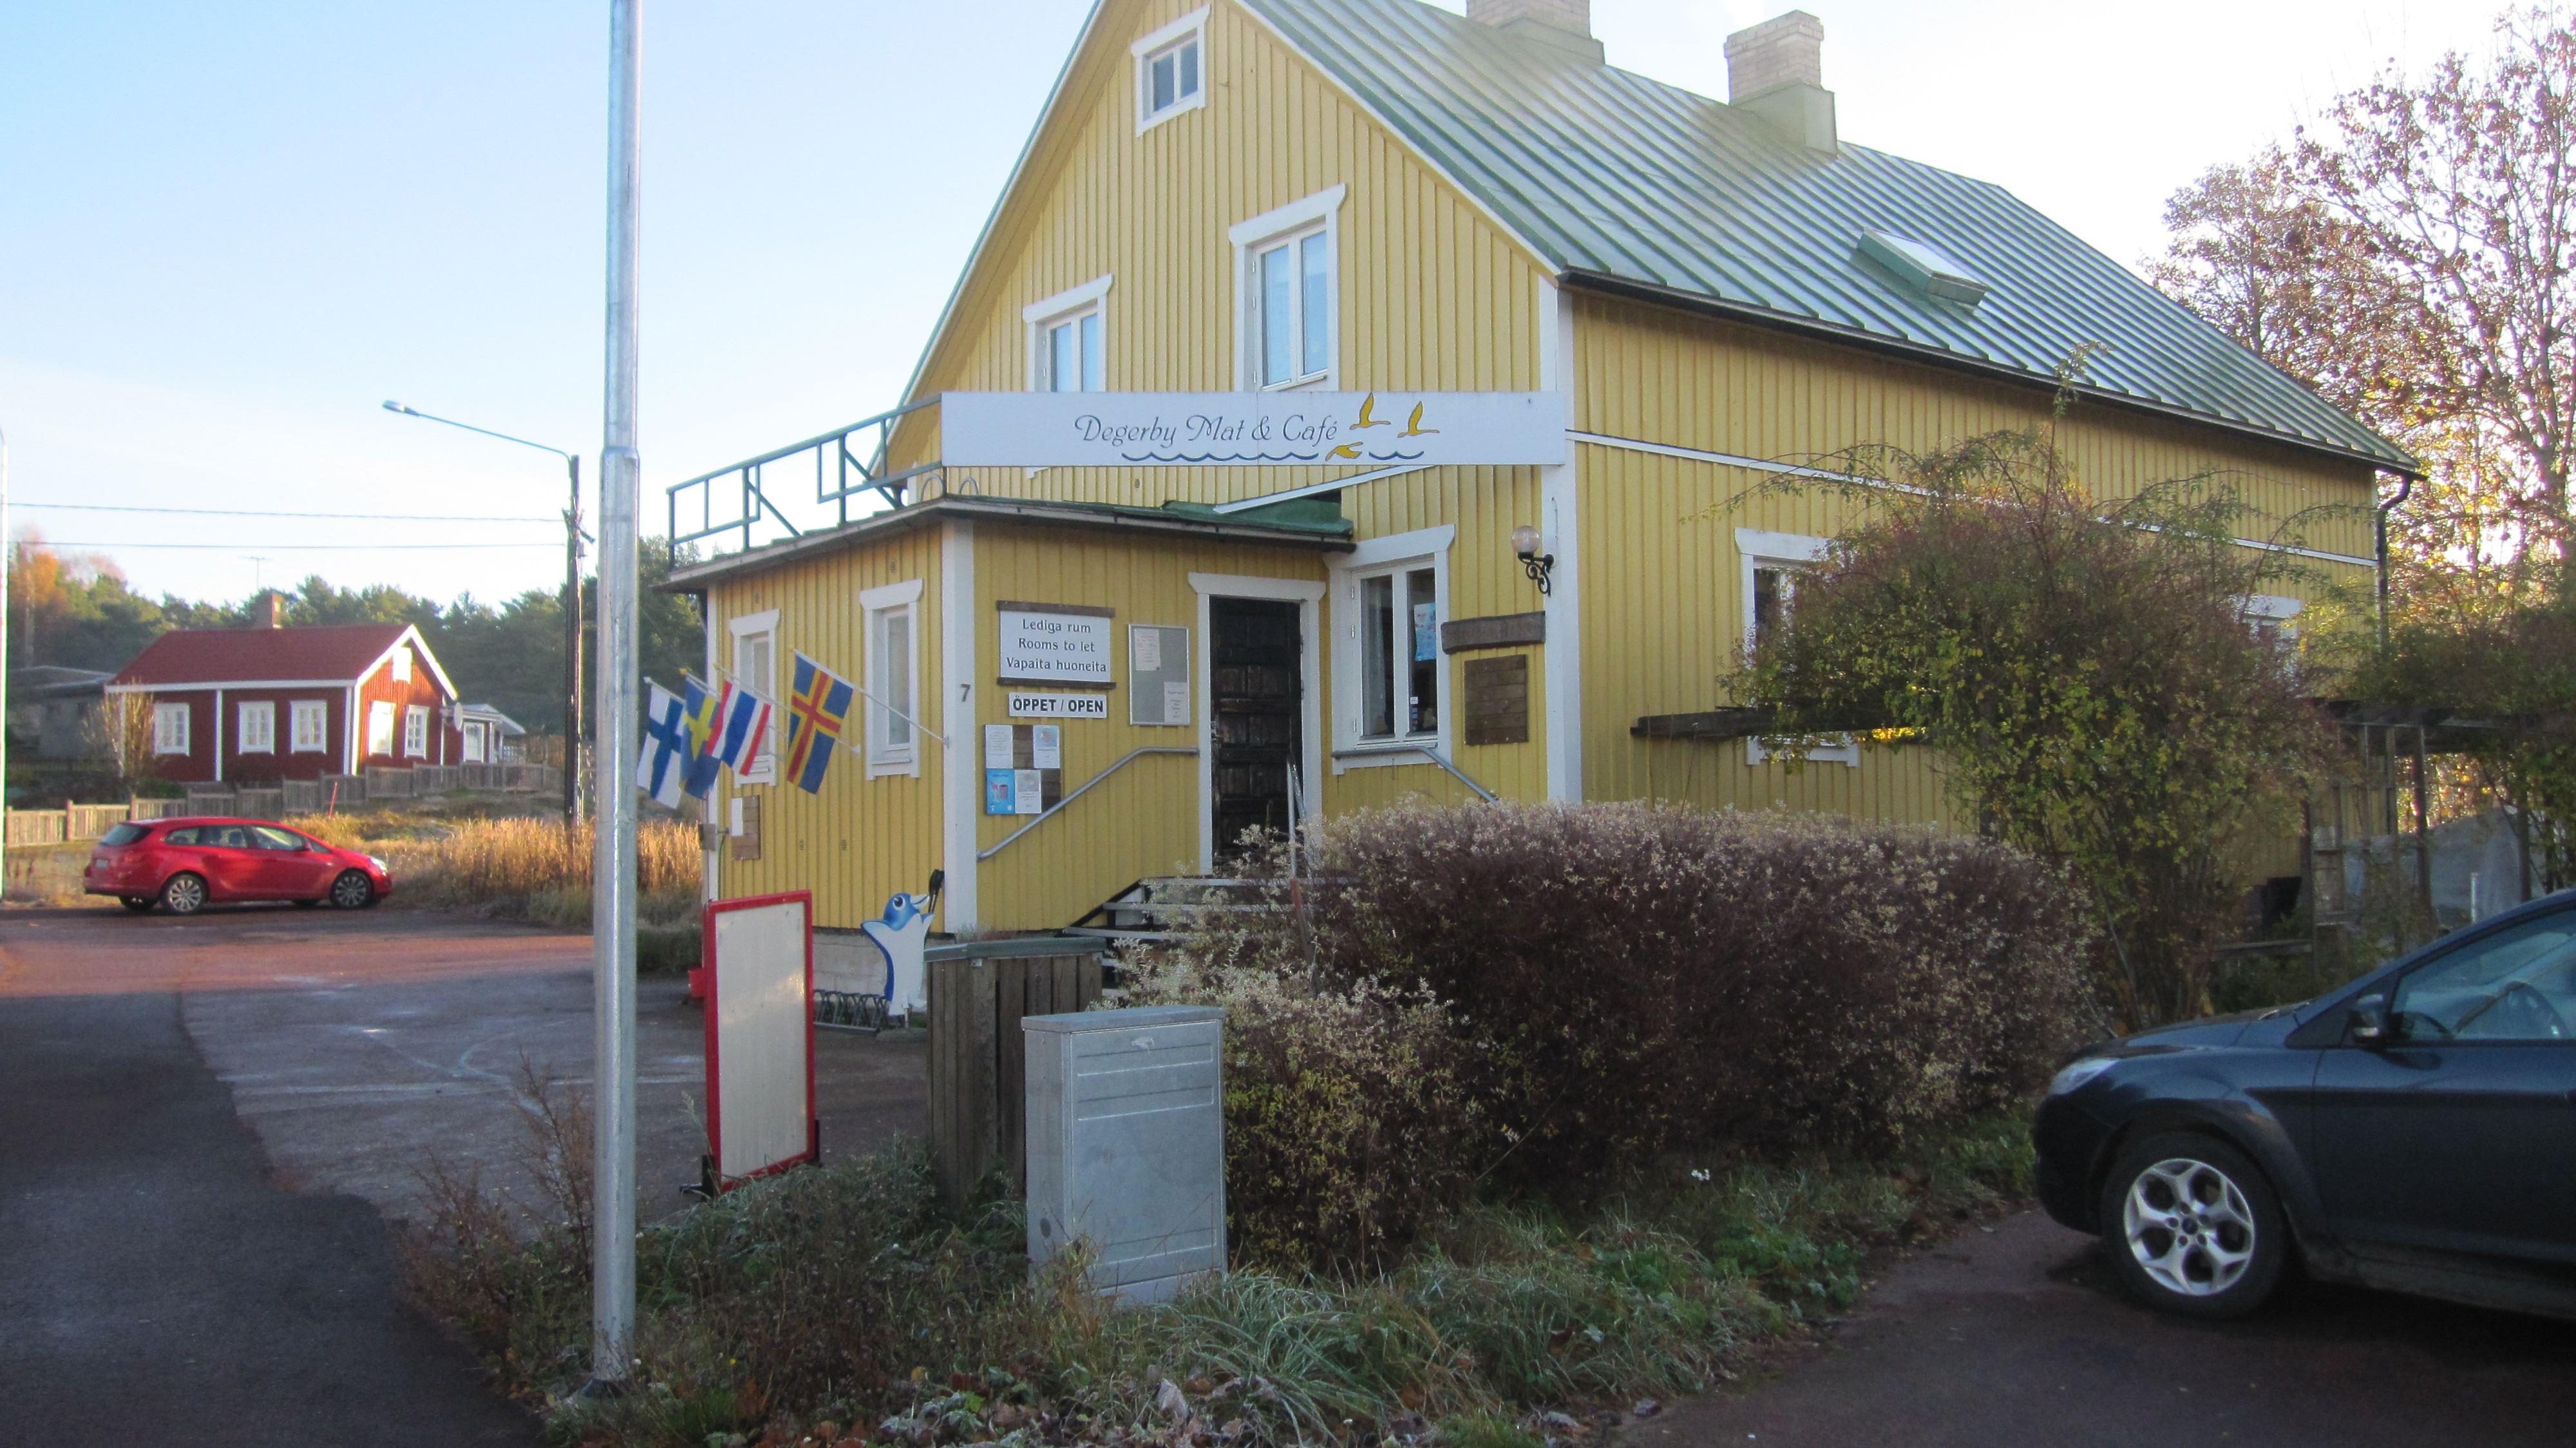 Degerby Mat & Café